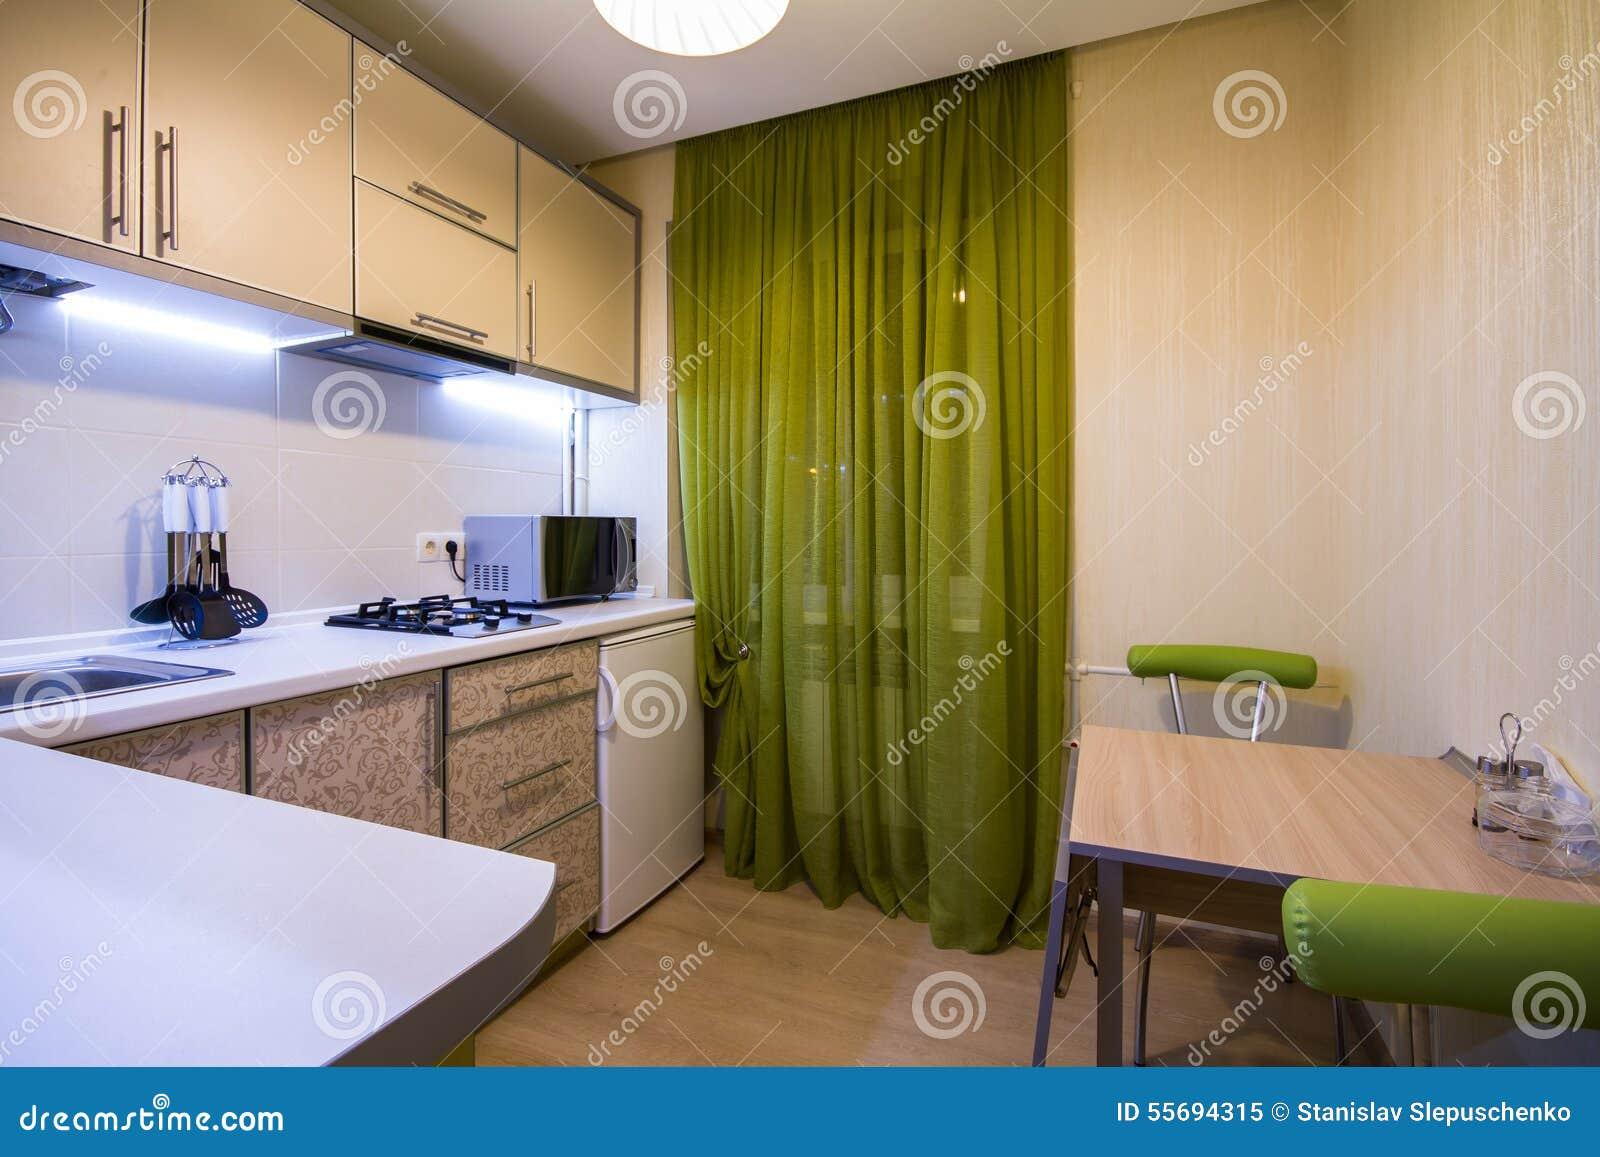 Moderne Kleine Küche Mit Grünen Vorhängen Stockbild - Bild von möbel ...